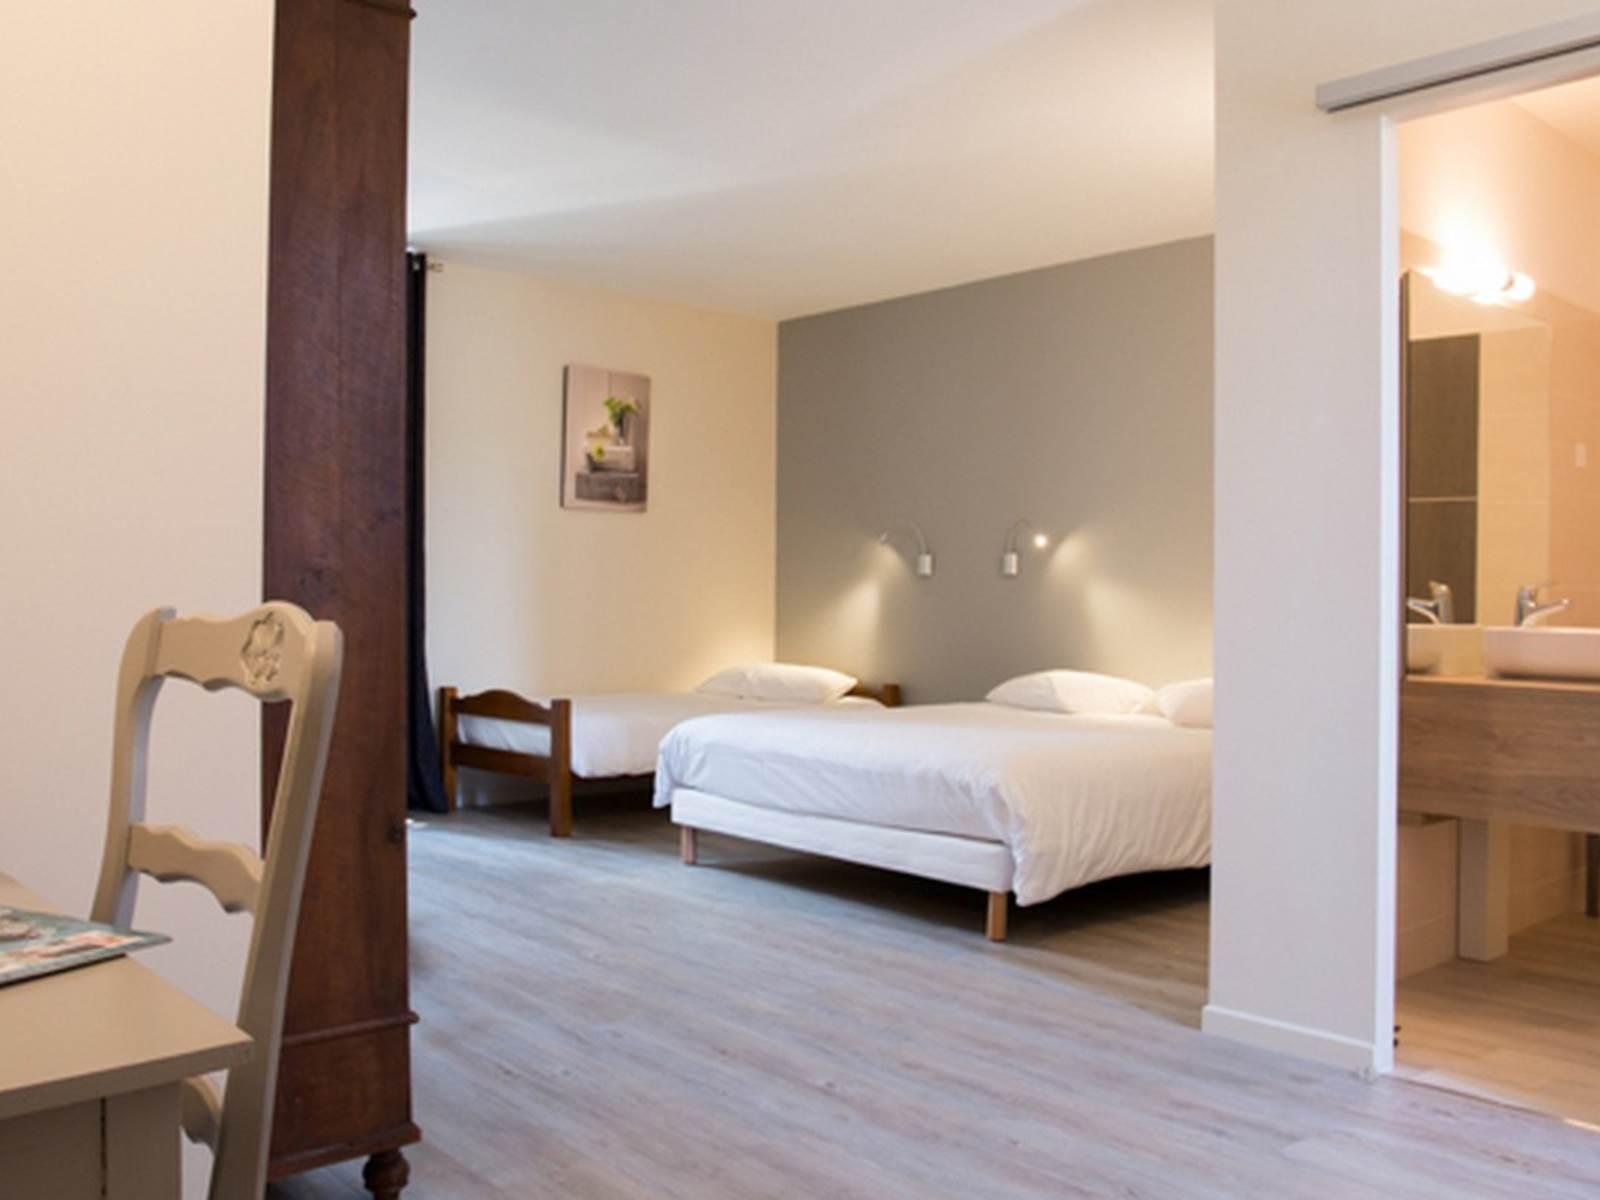 sejour vacances Hotel Restaurant Le Sully Saint-Saud-Lacoussière chambre room zimmer Dordogne Perigord France